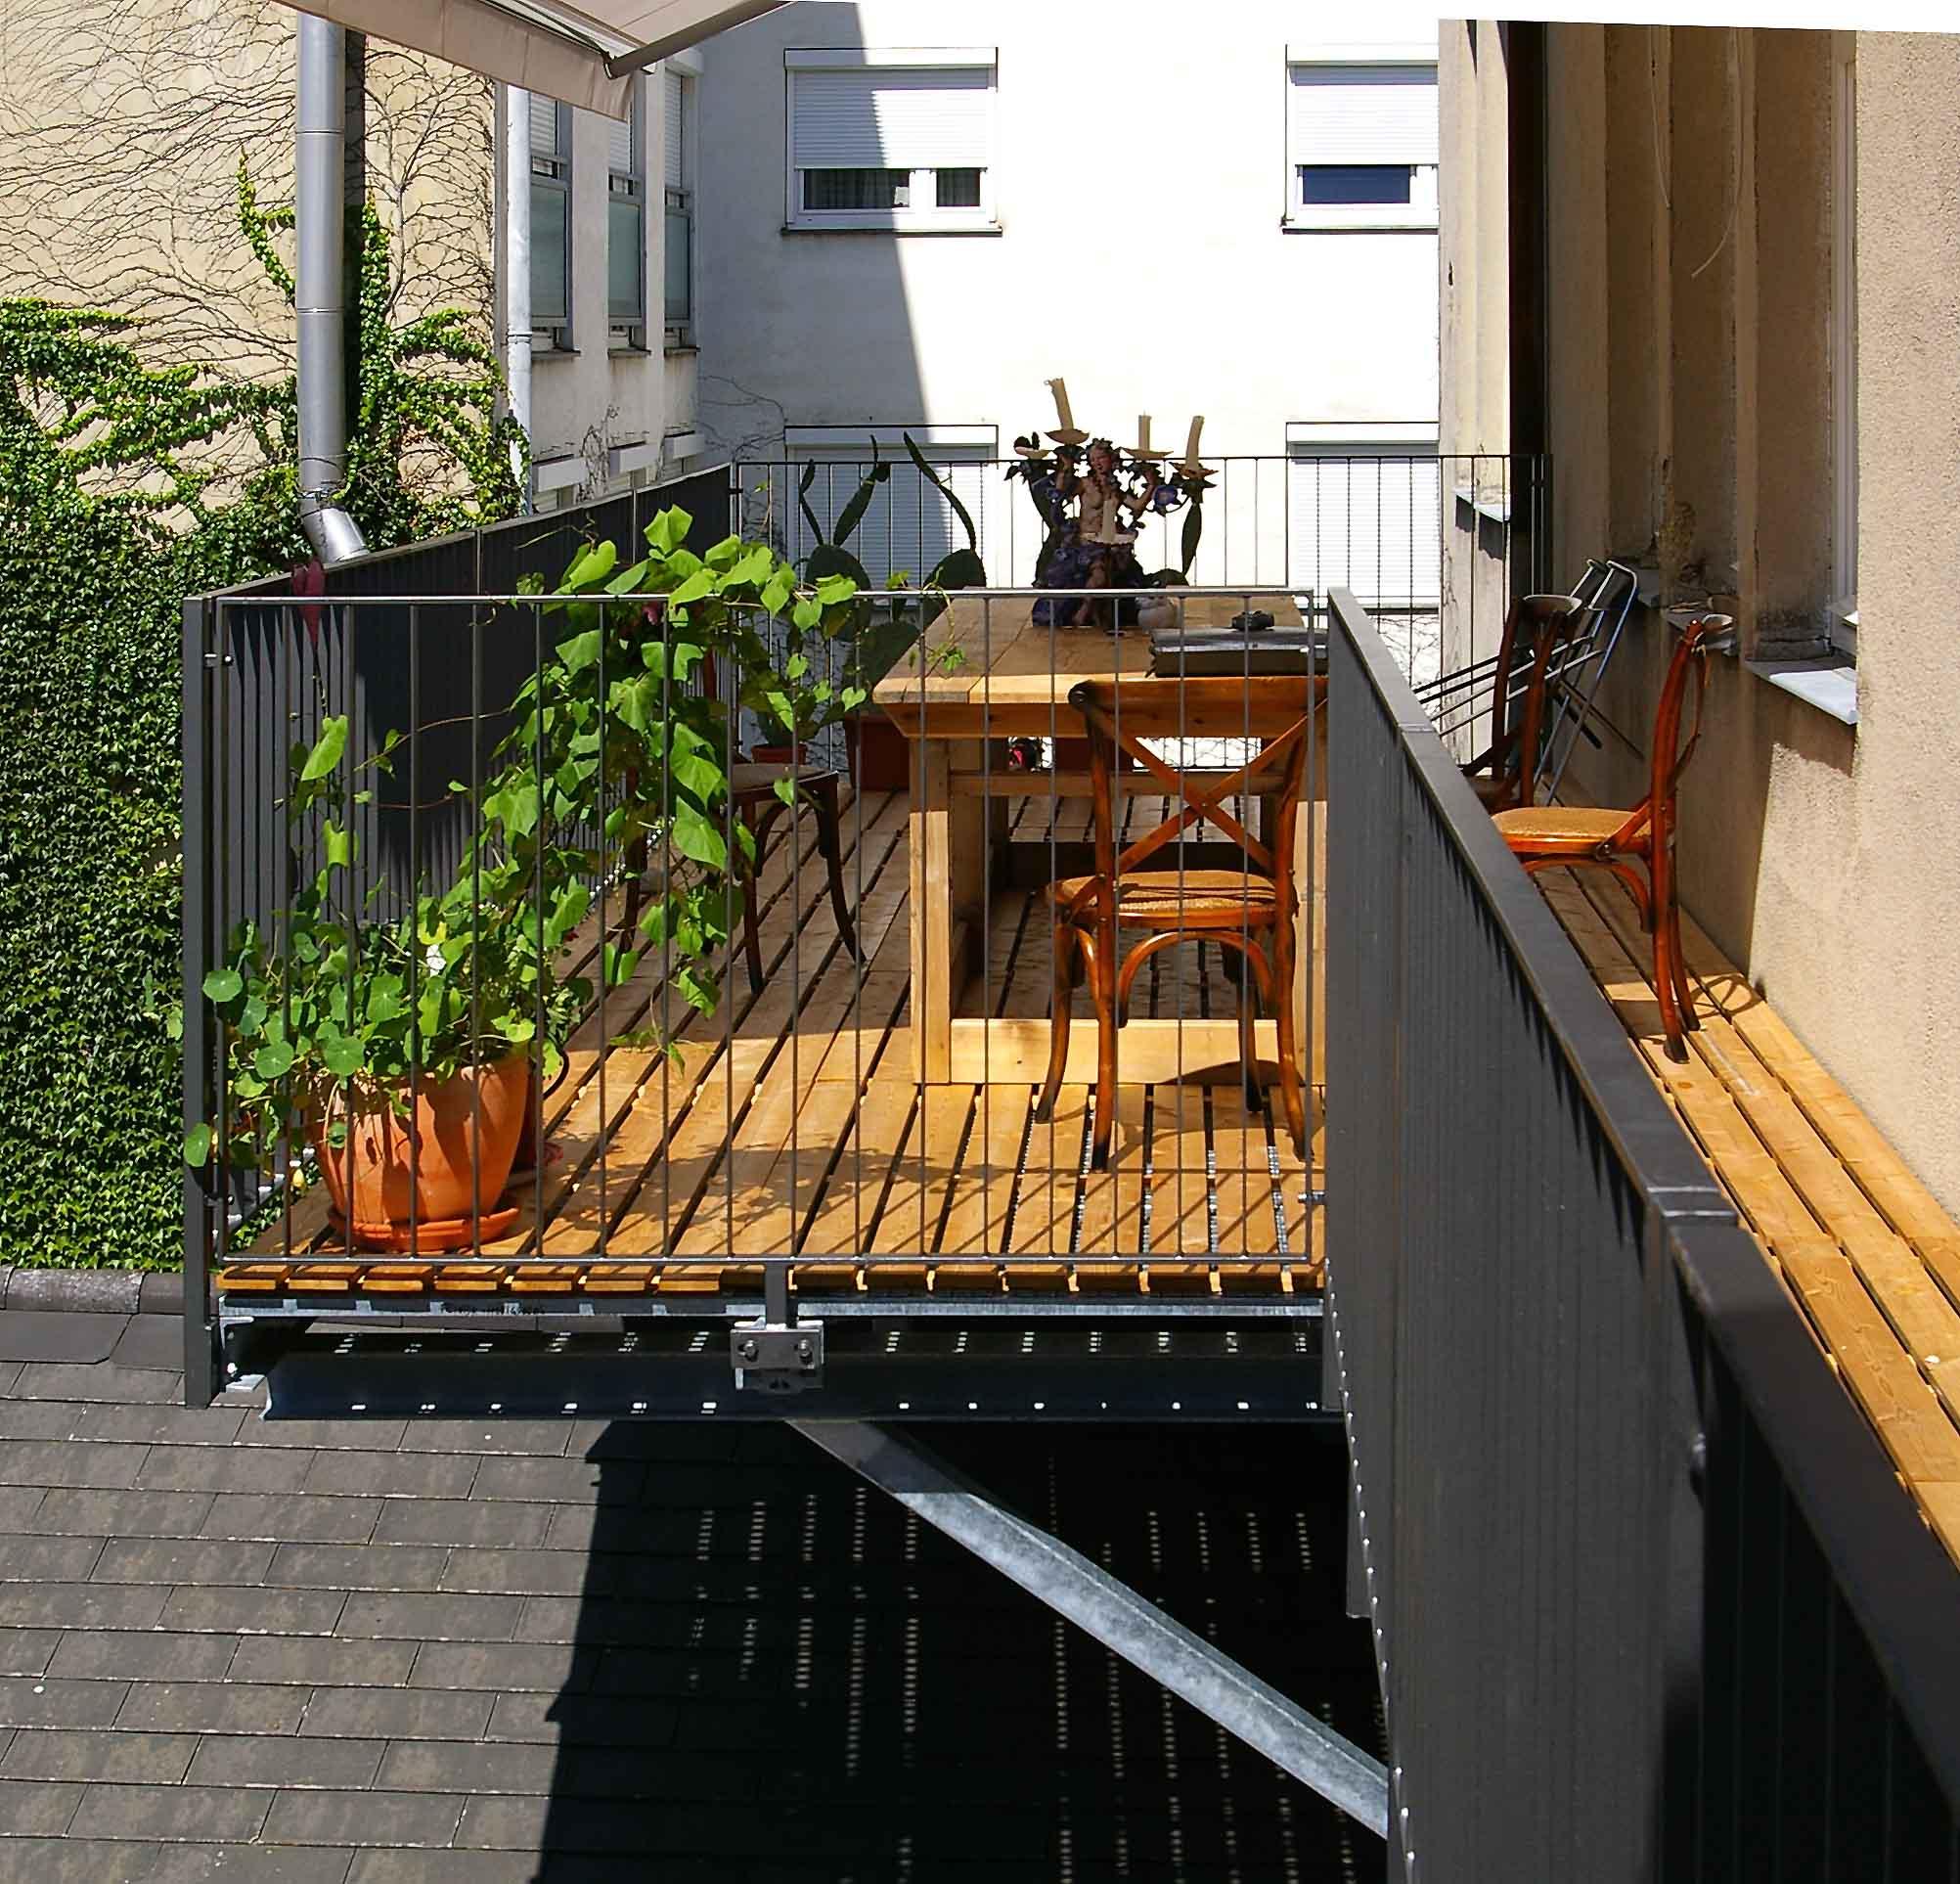 GL1135_Balkonkonstruktion_mit_Holzrost1_naeher